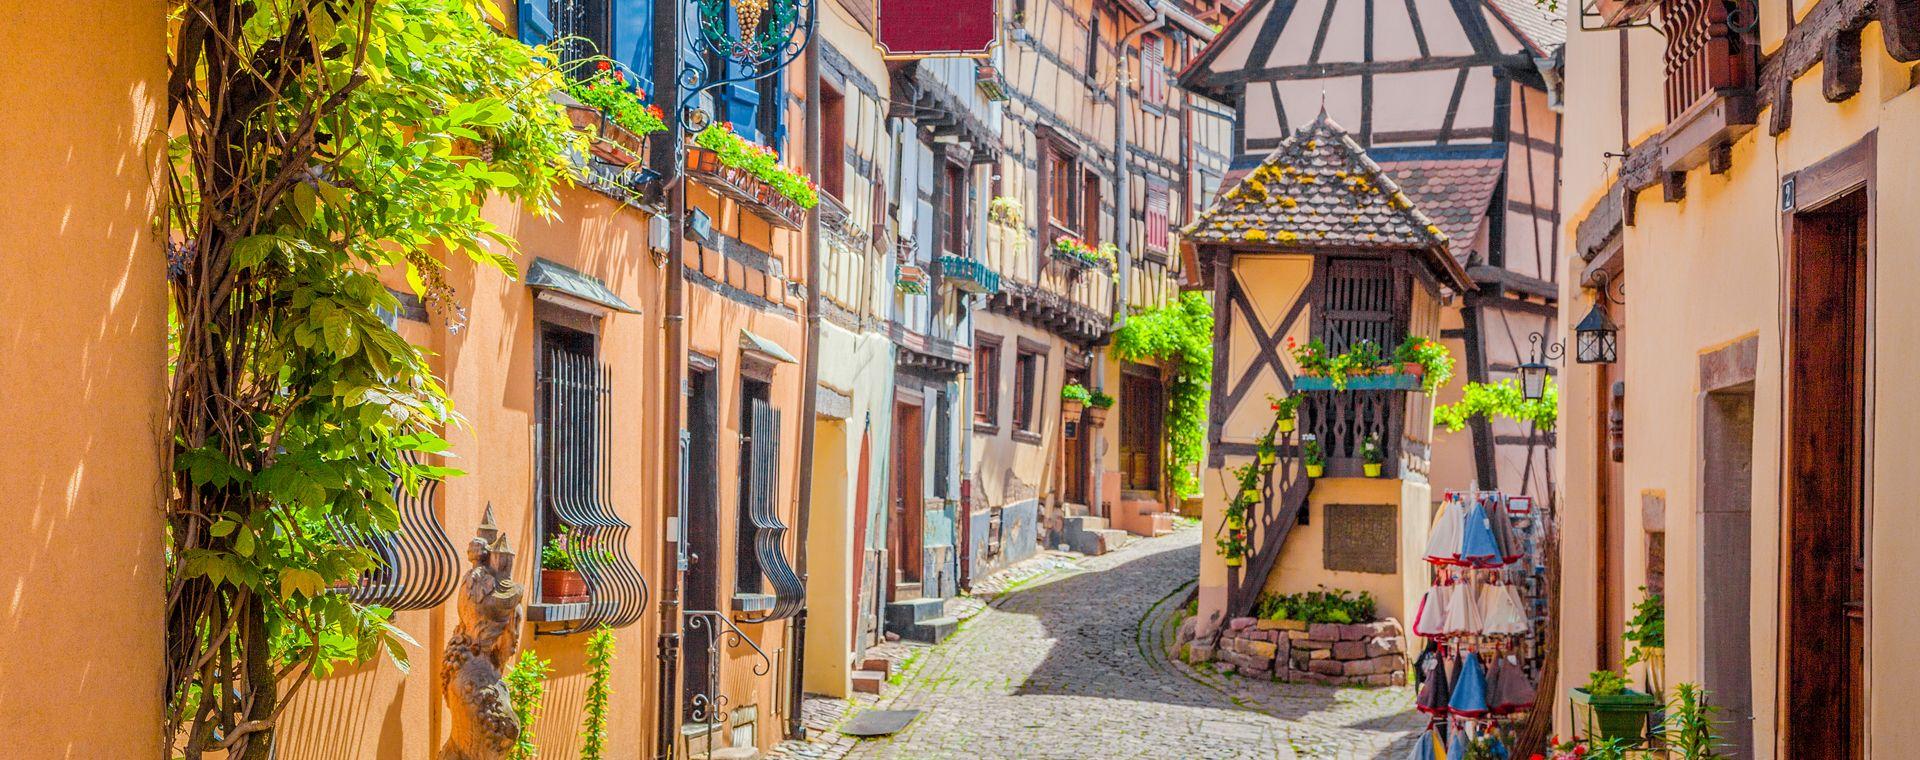 Image L'Alsace entre vignobles et  villages médiévaux